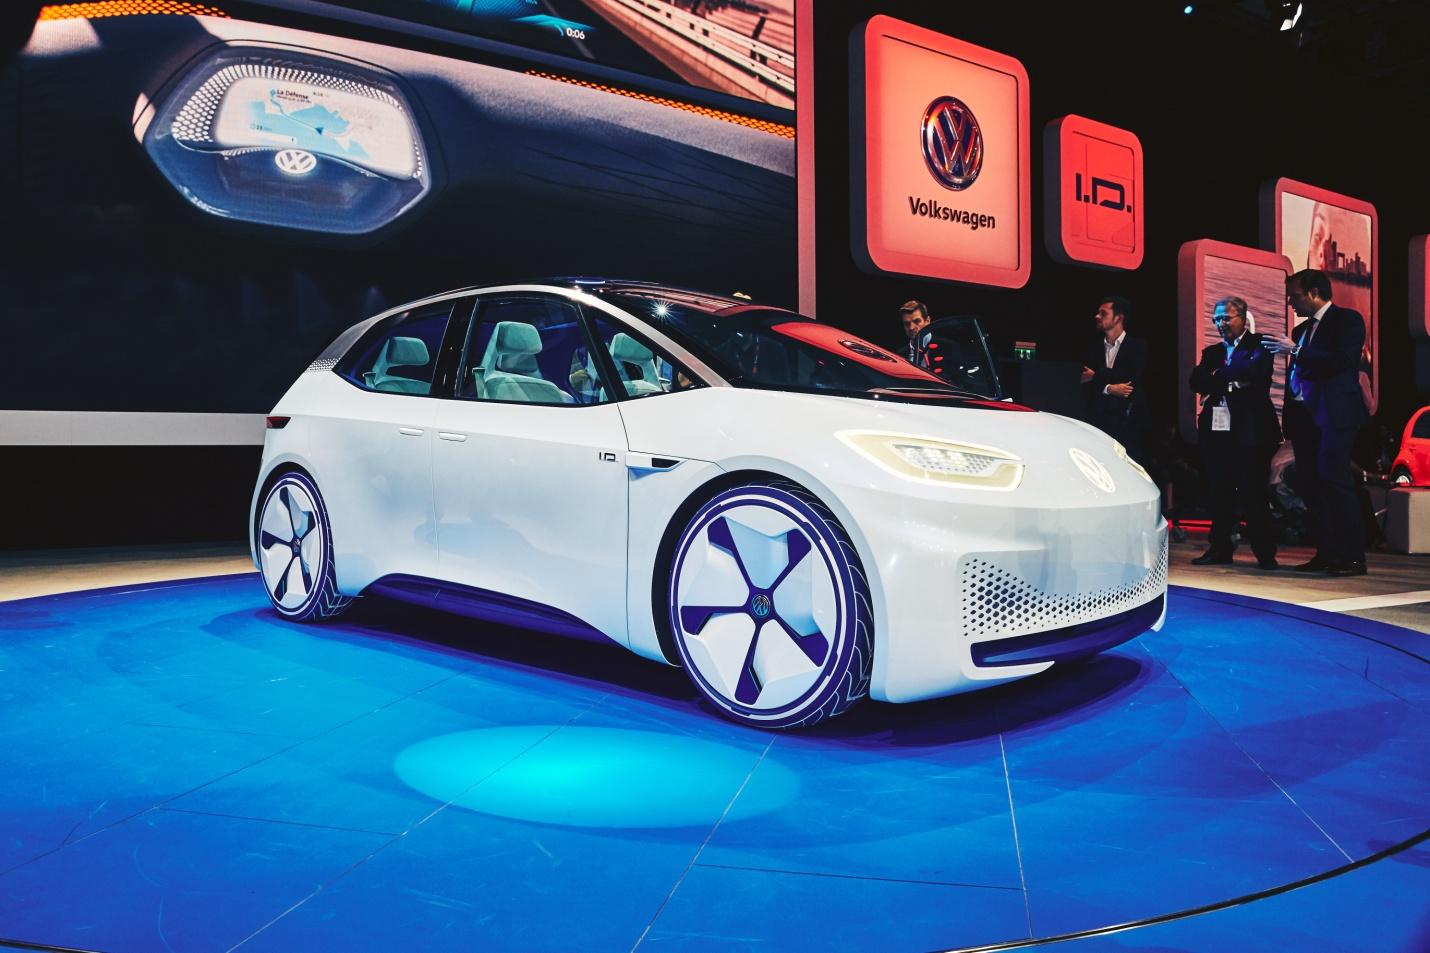 pour-tourner-la-page-du-scandale-des-emissions-polluantes-volkswagen-a-decide-dadopter-une-nouvelle-strategie-pour-jouer-un-role-de-premier-plan-dans-la-revolution-de-la-voiture-electrique